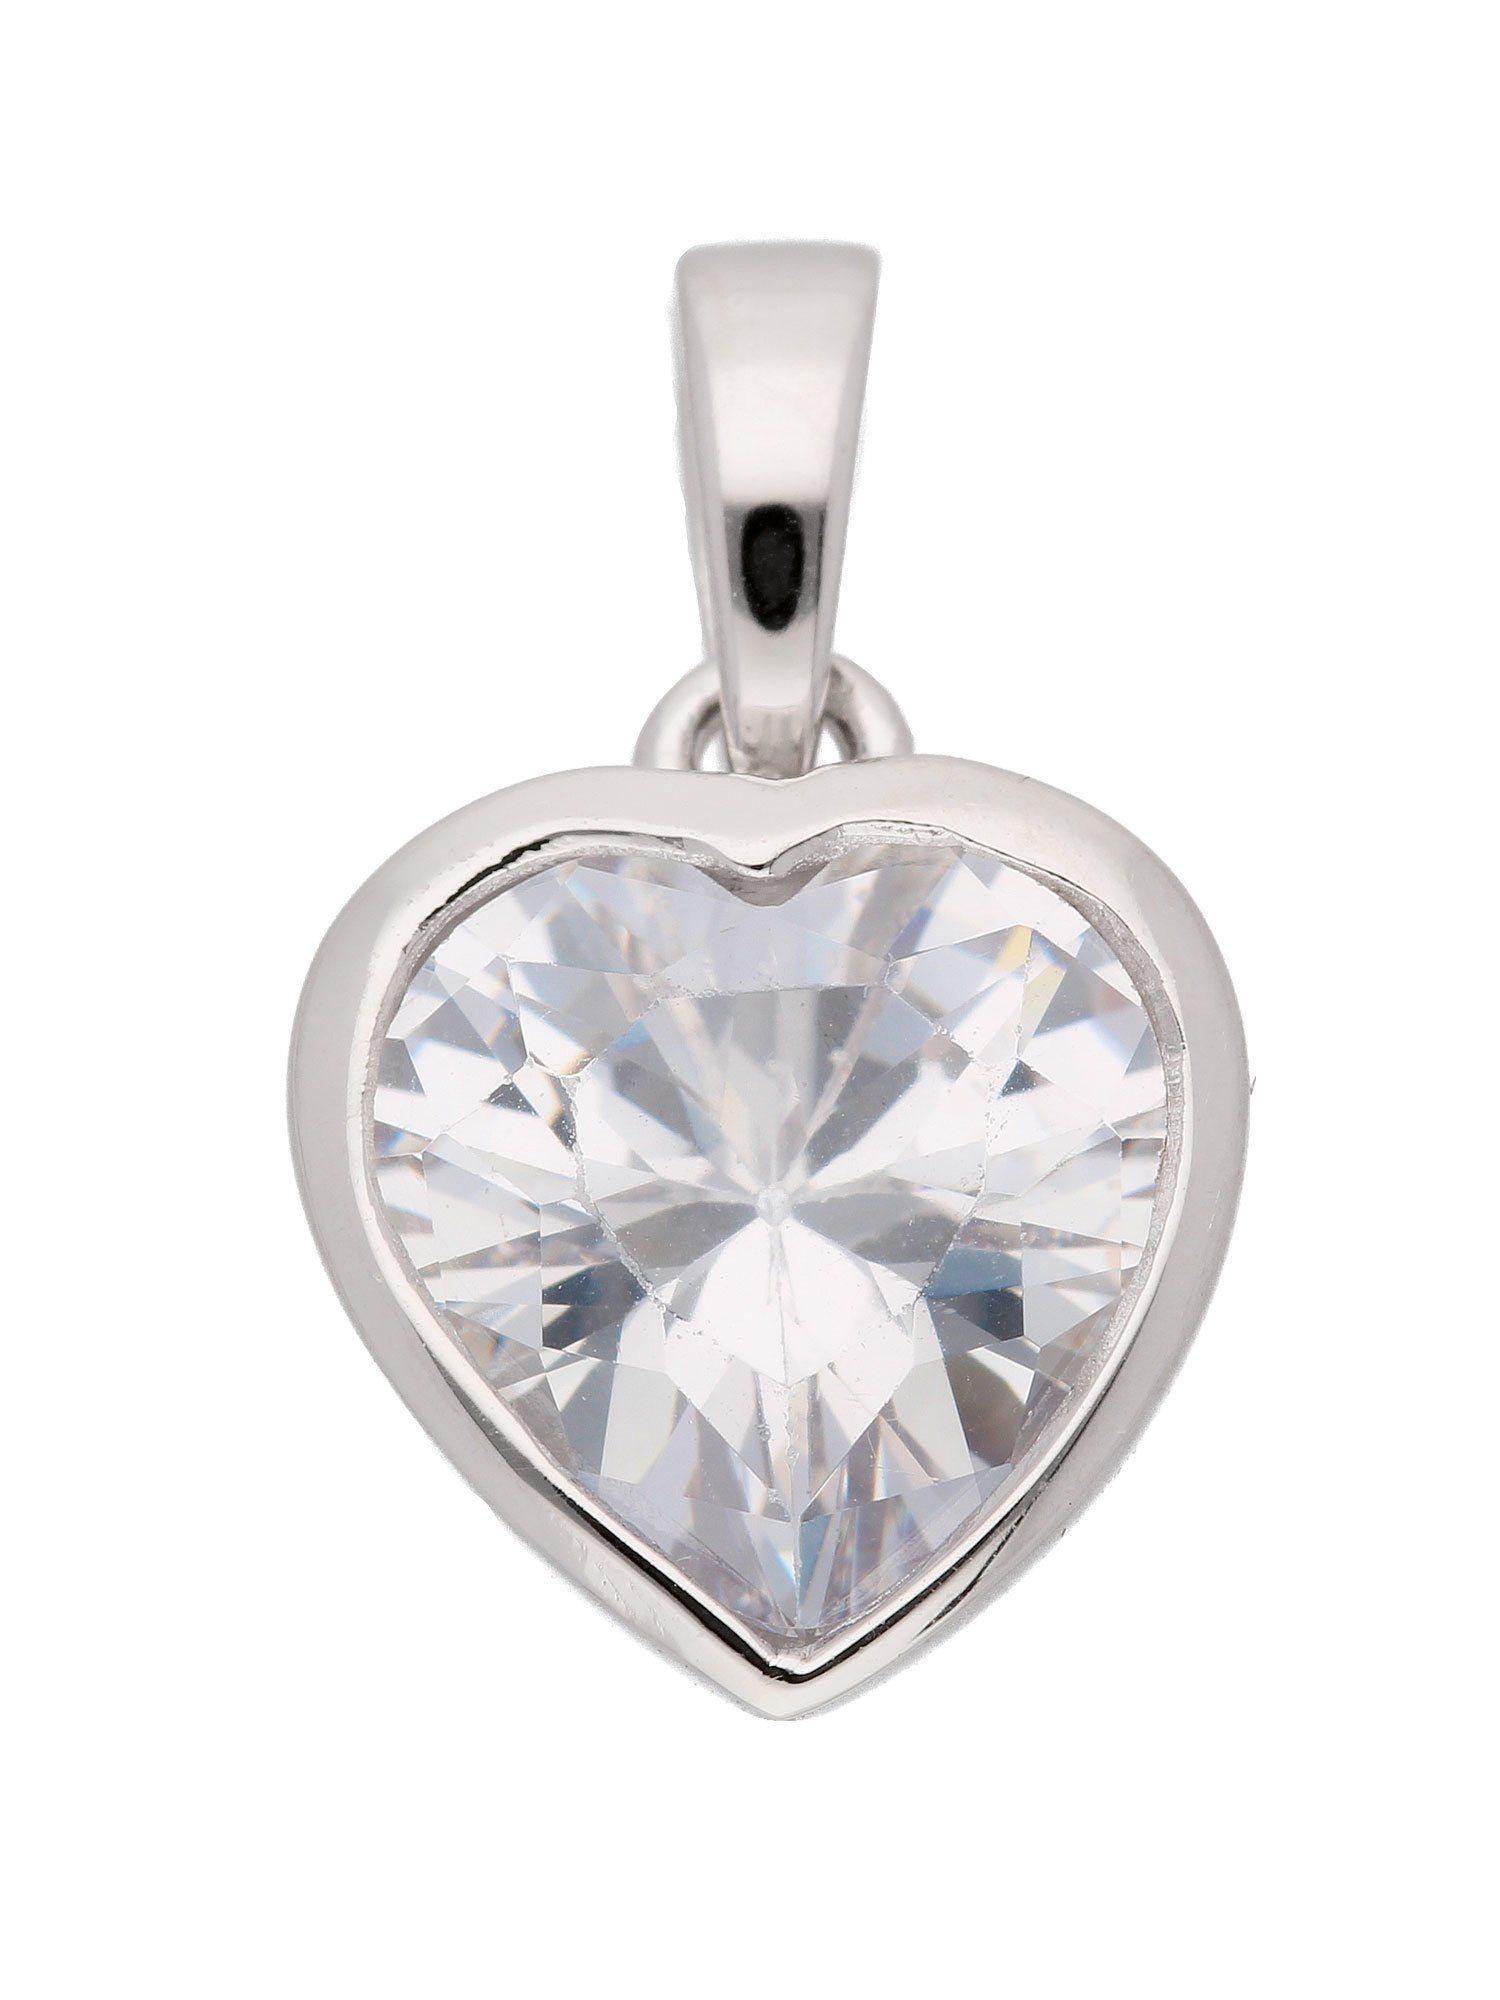 Adelia´s Kettenanhänger »Silber Anhänger«, Herz 925 Sterling Silber mit Zirkonia | Schmuck > Halsketten > Ketten ohne Anhänger | Silber | Adelia´s